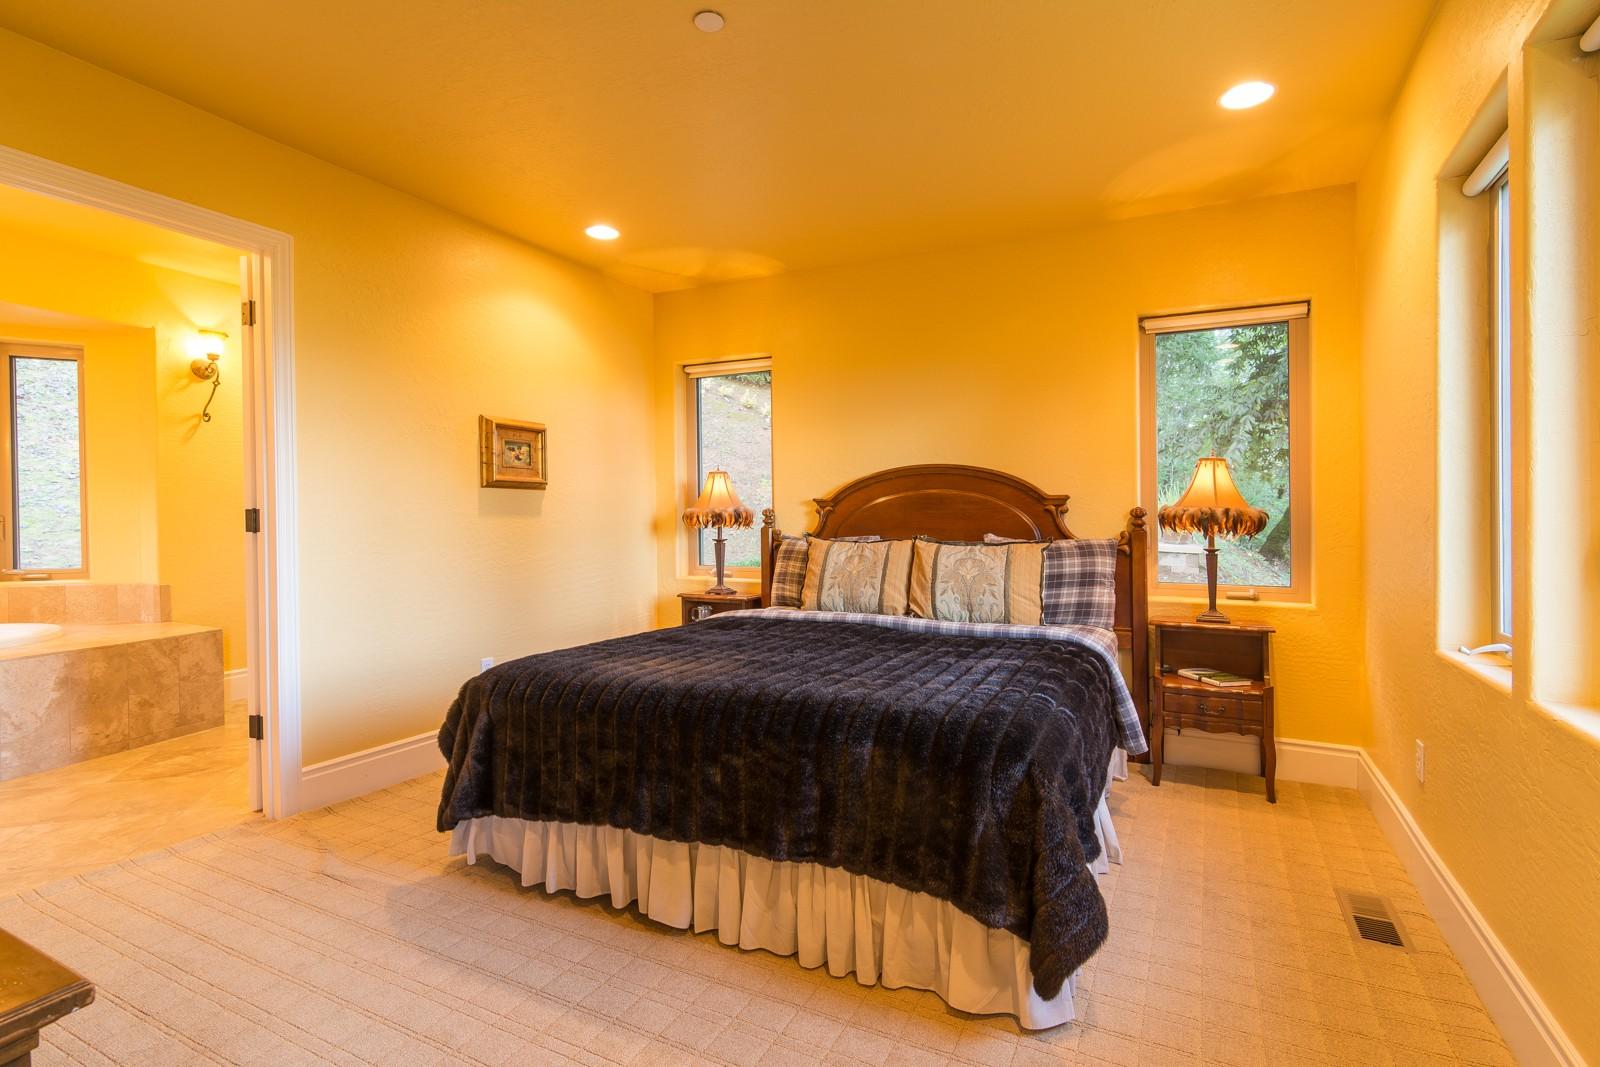 Additional photo for property listing at Tuscan Inspired Healdsburg Home 2806 Hilltop Road 希尔兹堡, 加利福尼亚州 95448 美国